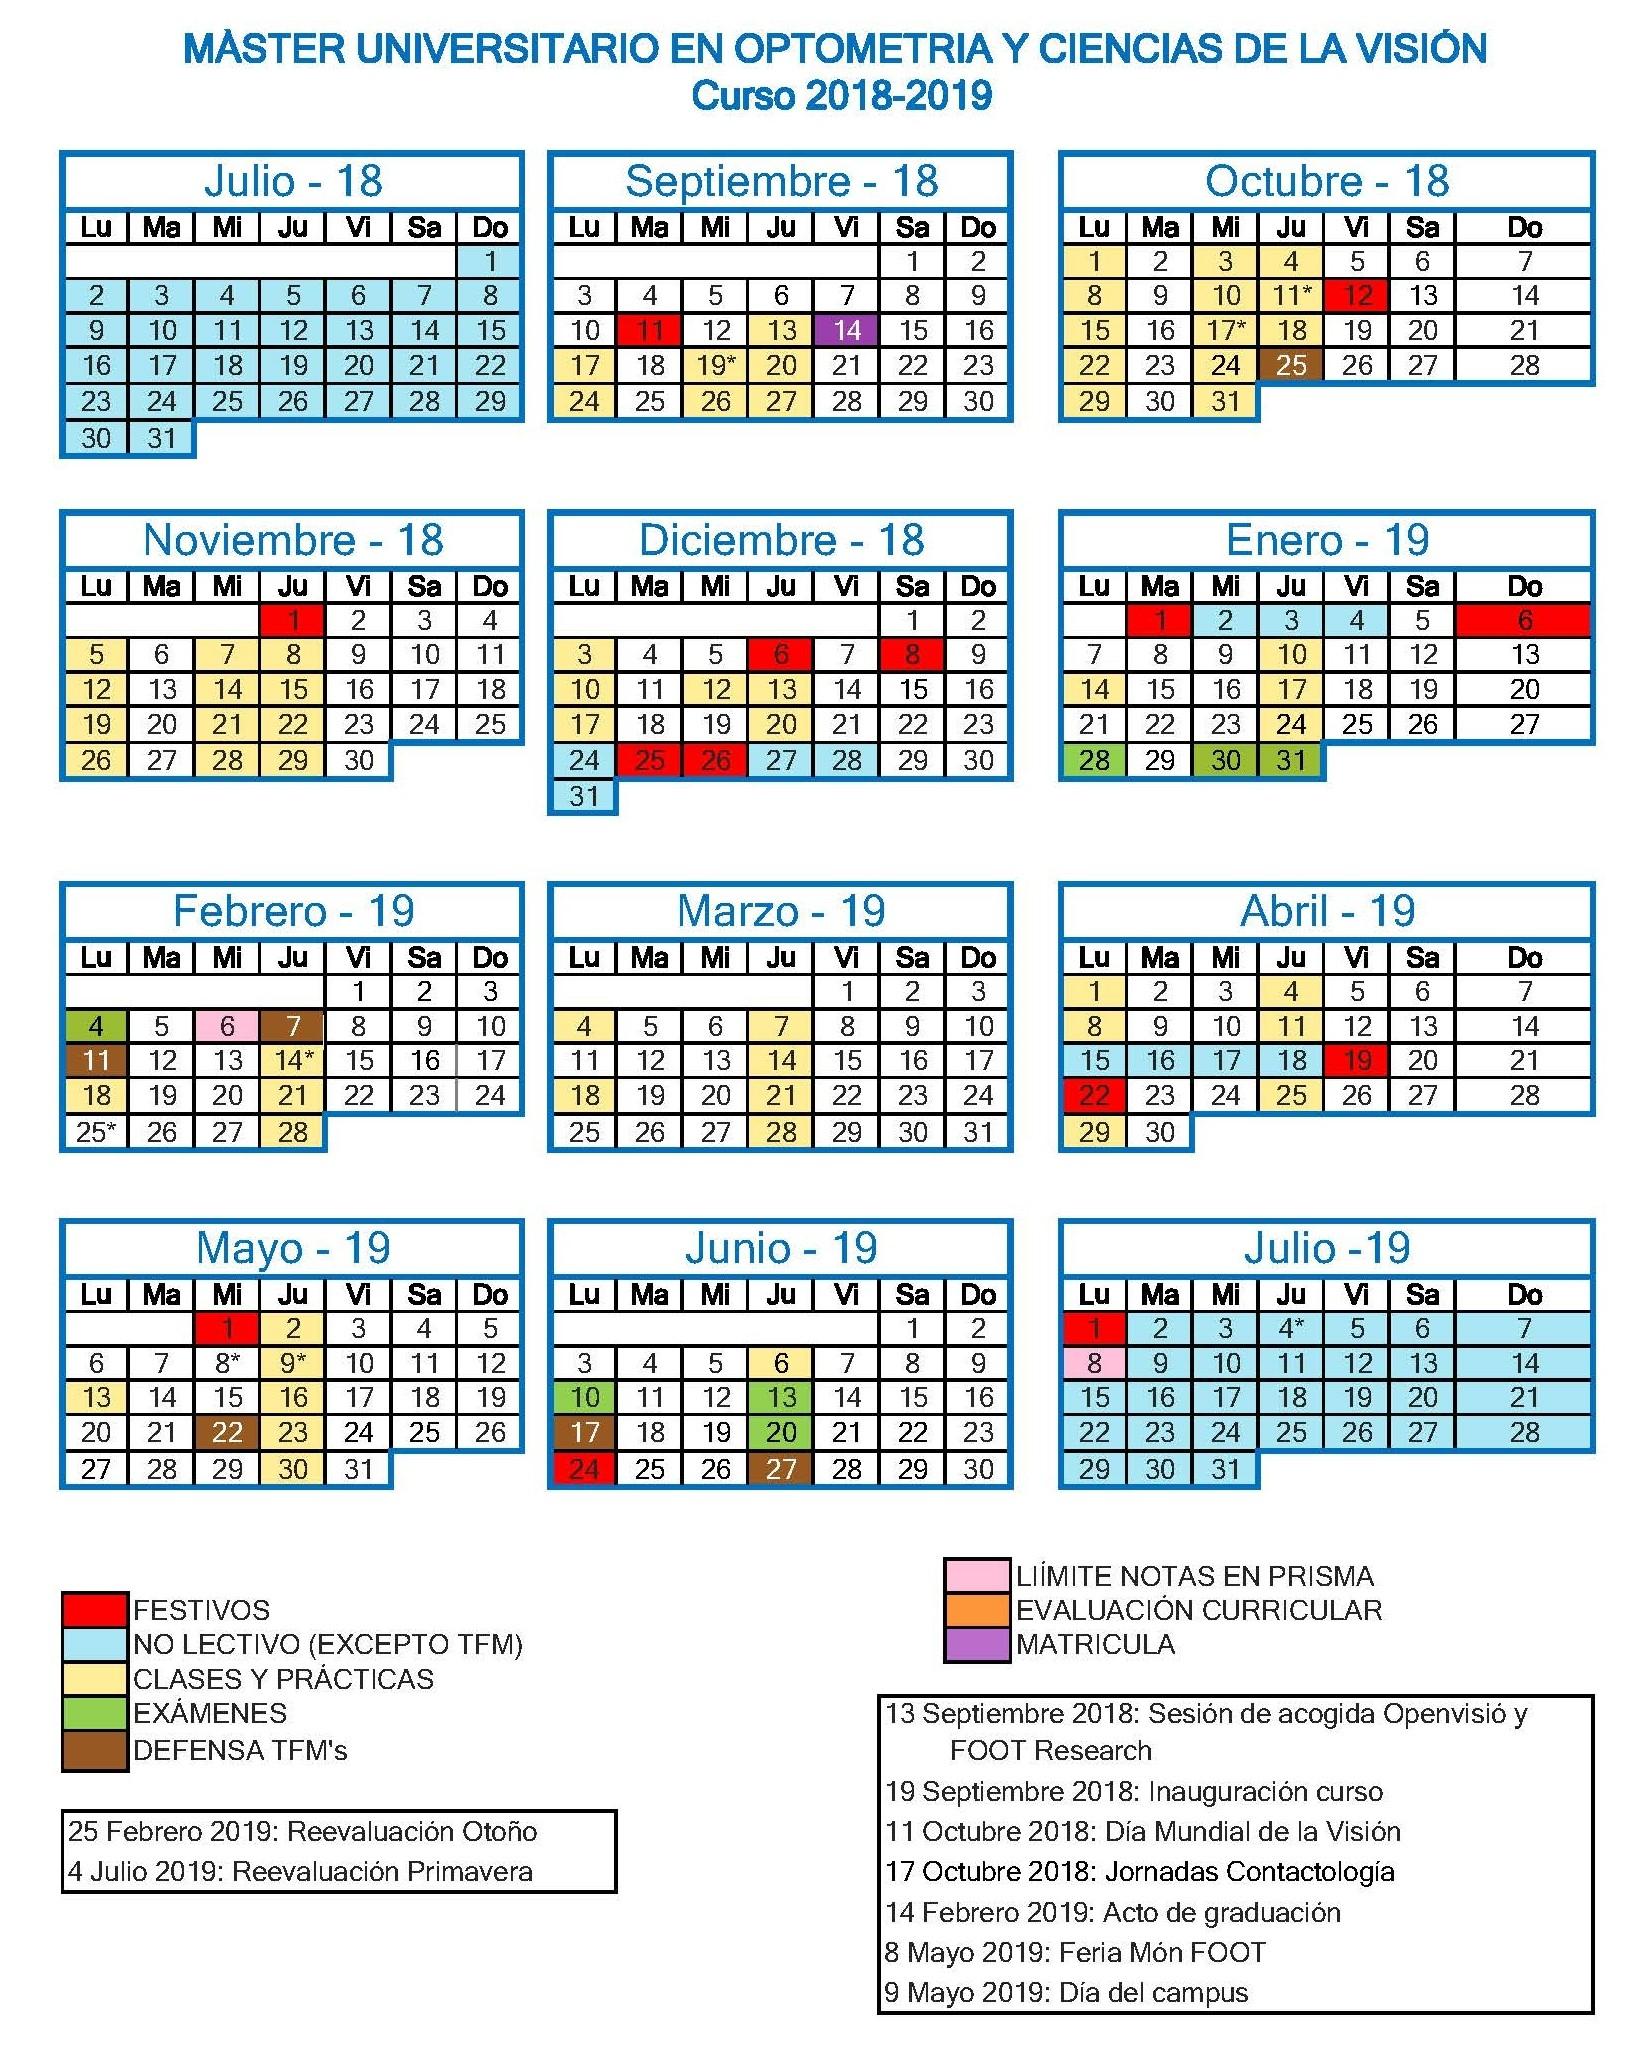 Calendario MUOCV 2018 2019